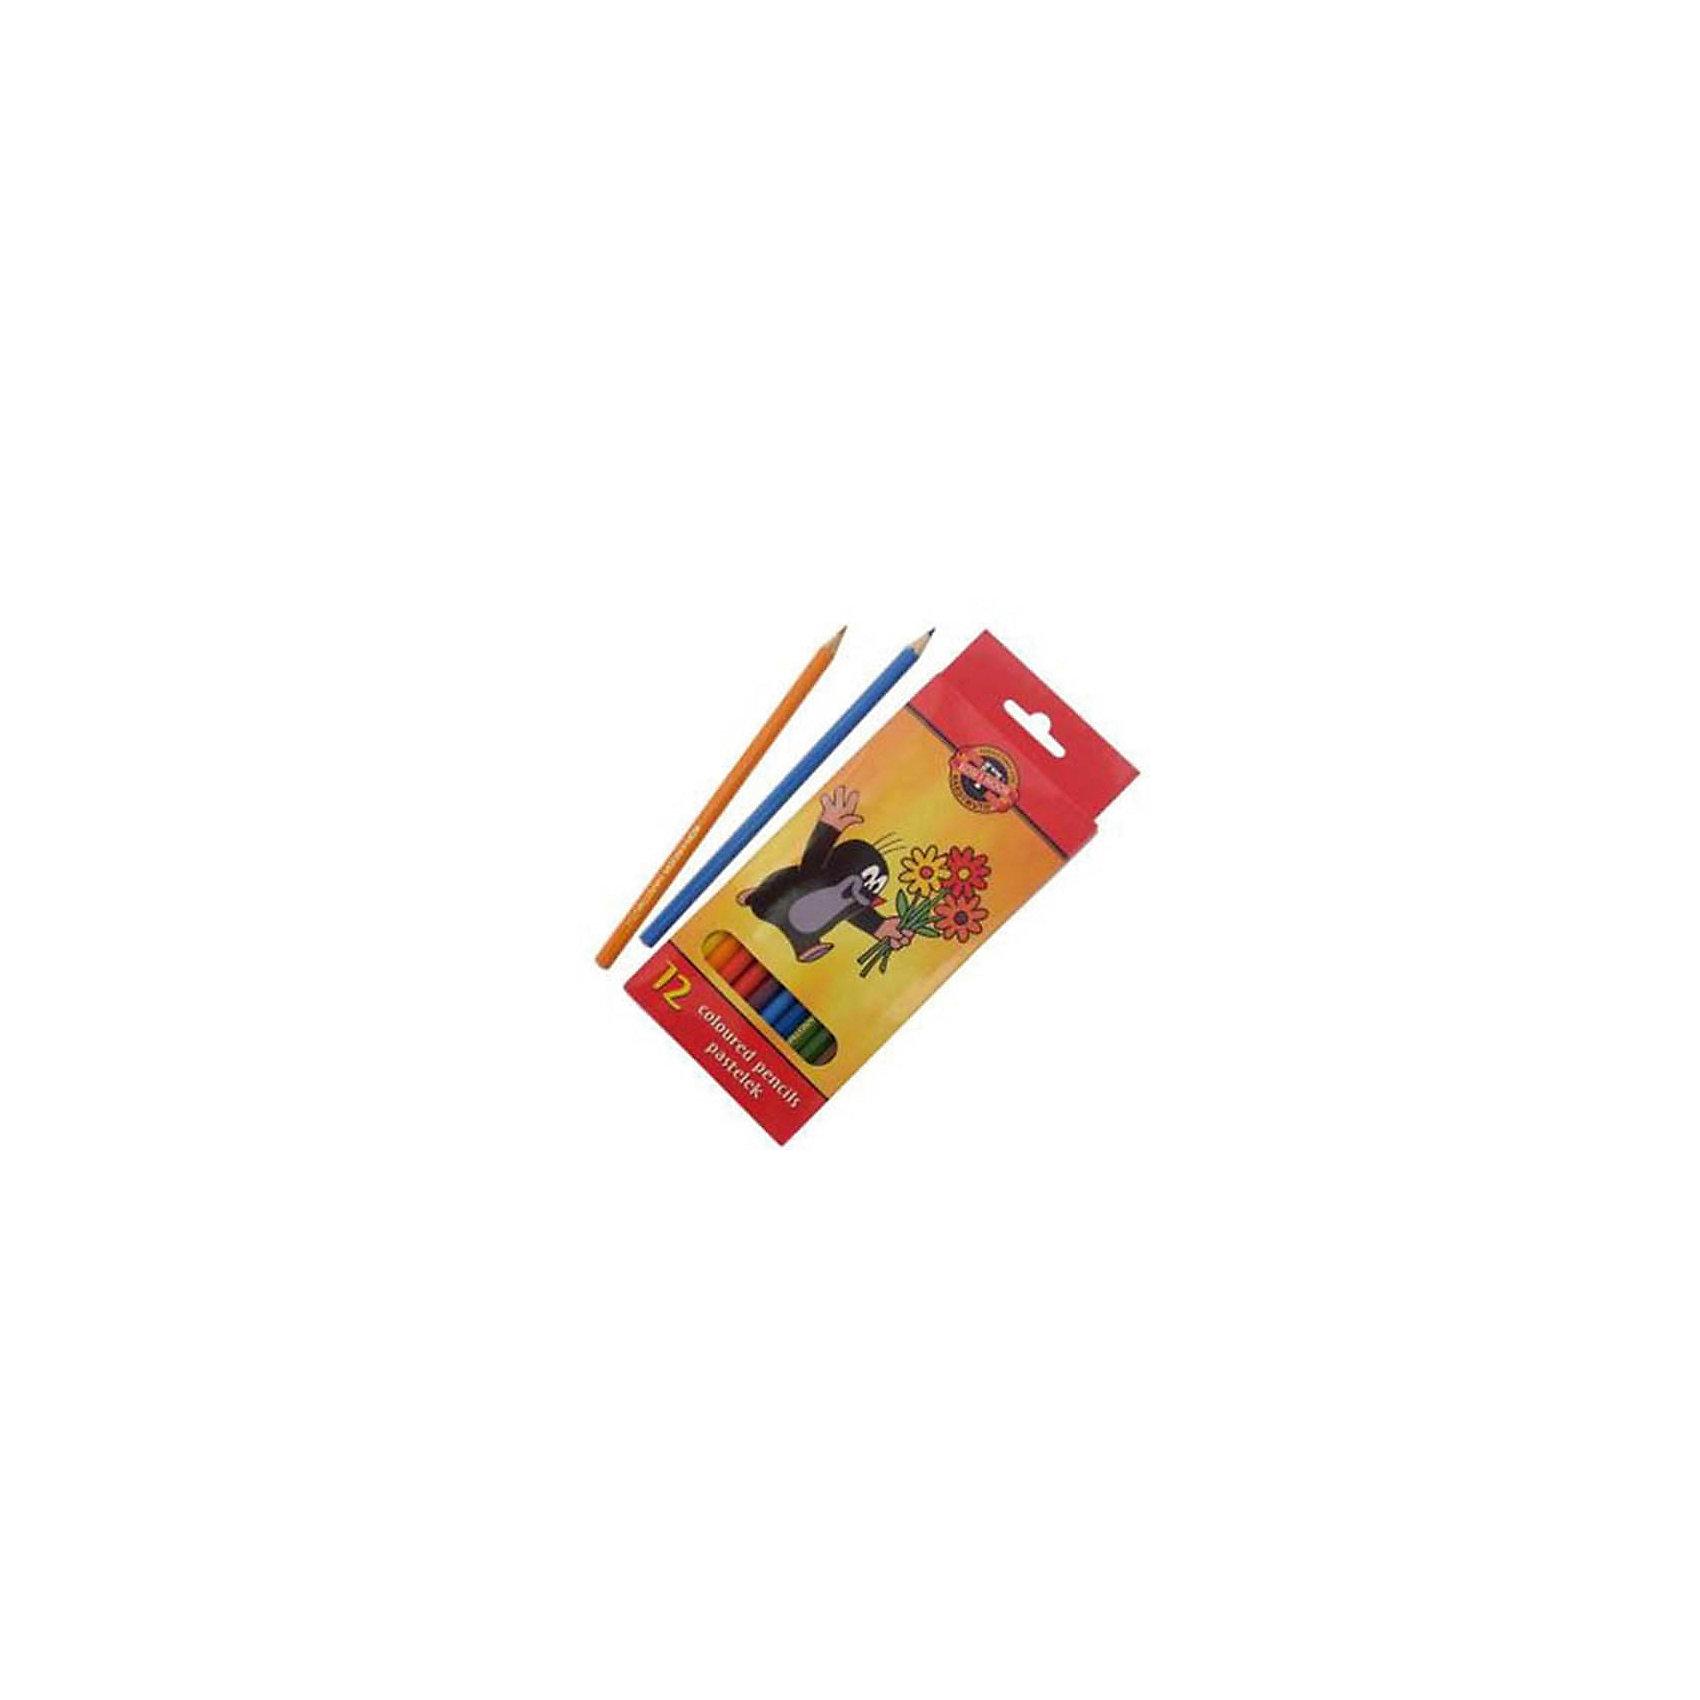 KOH-I-NOOR Набор карандашей цветных КРОТ, 12 цвПисьменные принадлежности<br>Красочная упаковка.  Шестигранные карандаши, заточенные. Длина стержня - 175 мм. Диаметр грифеля - 3,2 мм. 12 цветов. В картонной коробке  с европодвесом.<br><br>Ширина мм: 190<br>Глубина мм: 160<br>Высота мм: 10<br>Вес г: 81<br>Возраст от месяцев: 36<br>Возраст до месяцев: 168<br>Пол: Унисекс<br>Возраст: Детский<br>SKU: 6888696